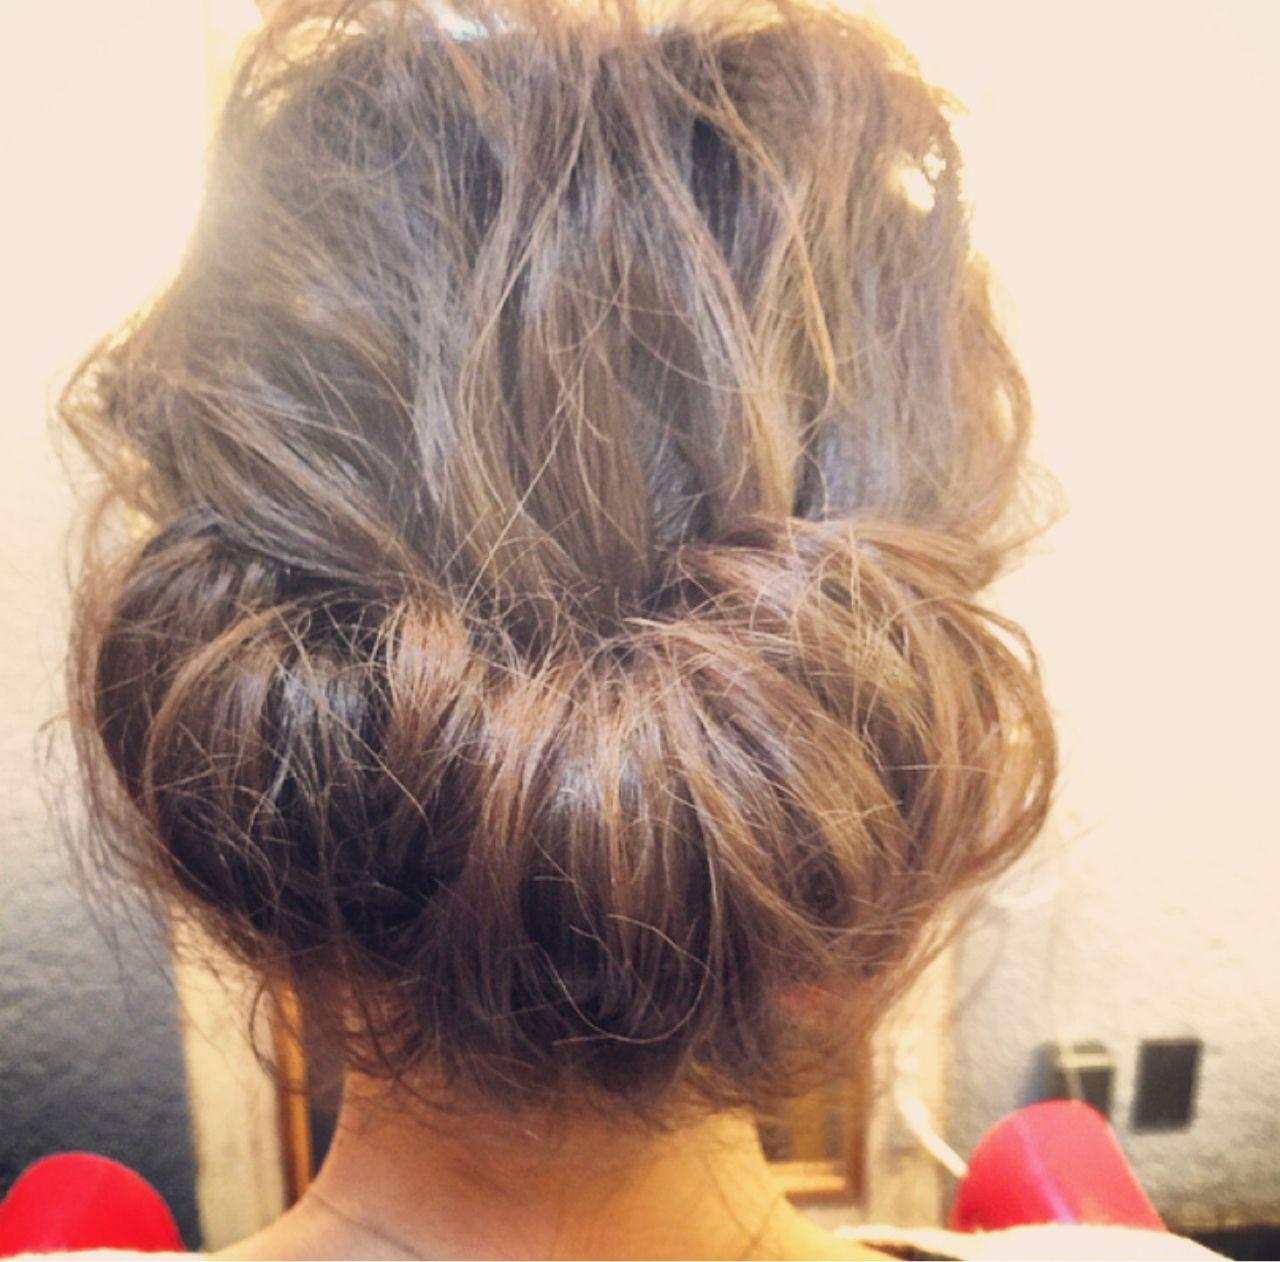 シニヨン 愛され コンサバ 大人かわいい ヘアスタイルや髪型の写真・画像 | tomonari / iroiro (イロイロ)